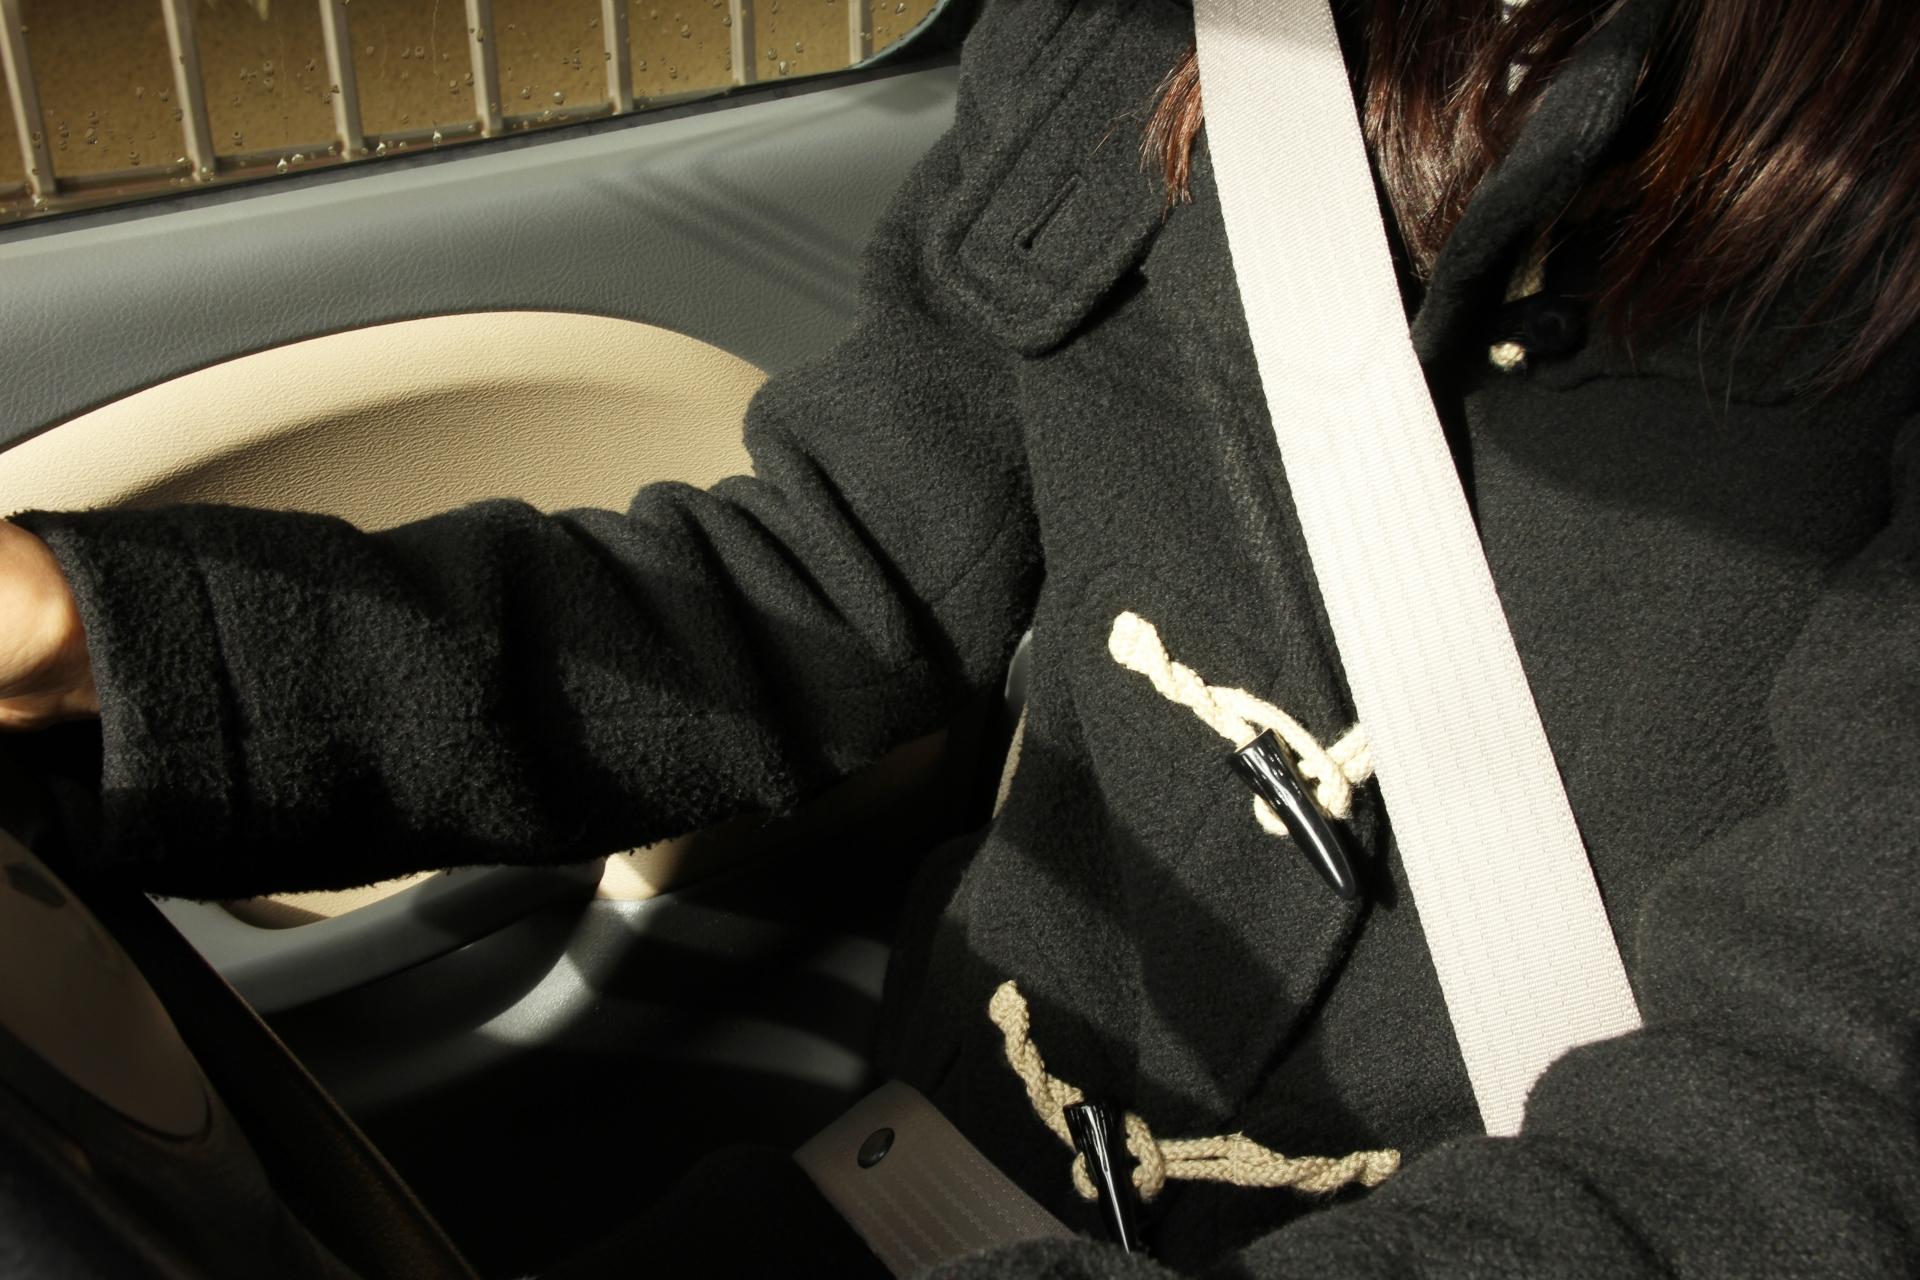 あなたの住む県は第何位?JAFが都道府県別のシートベルト着用率を発表